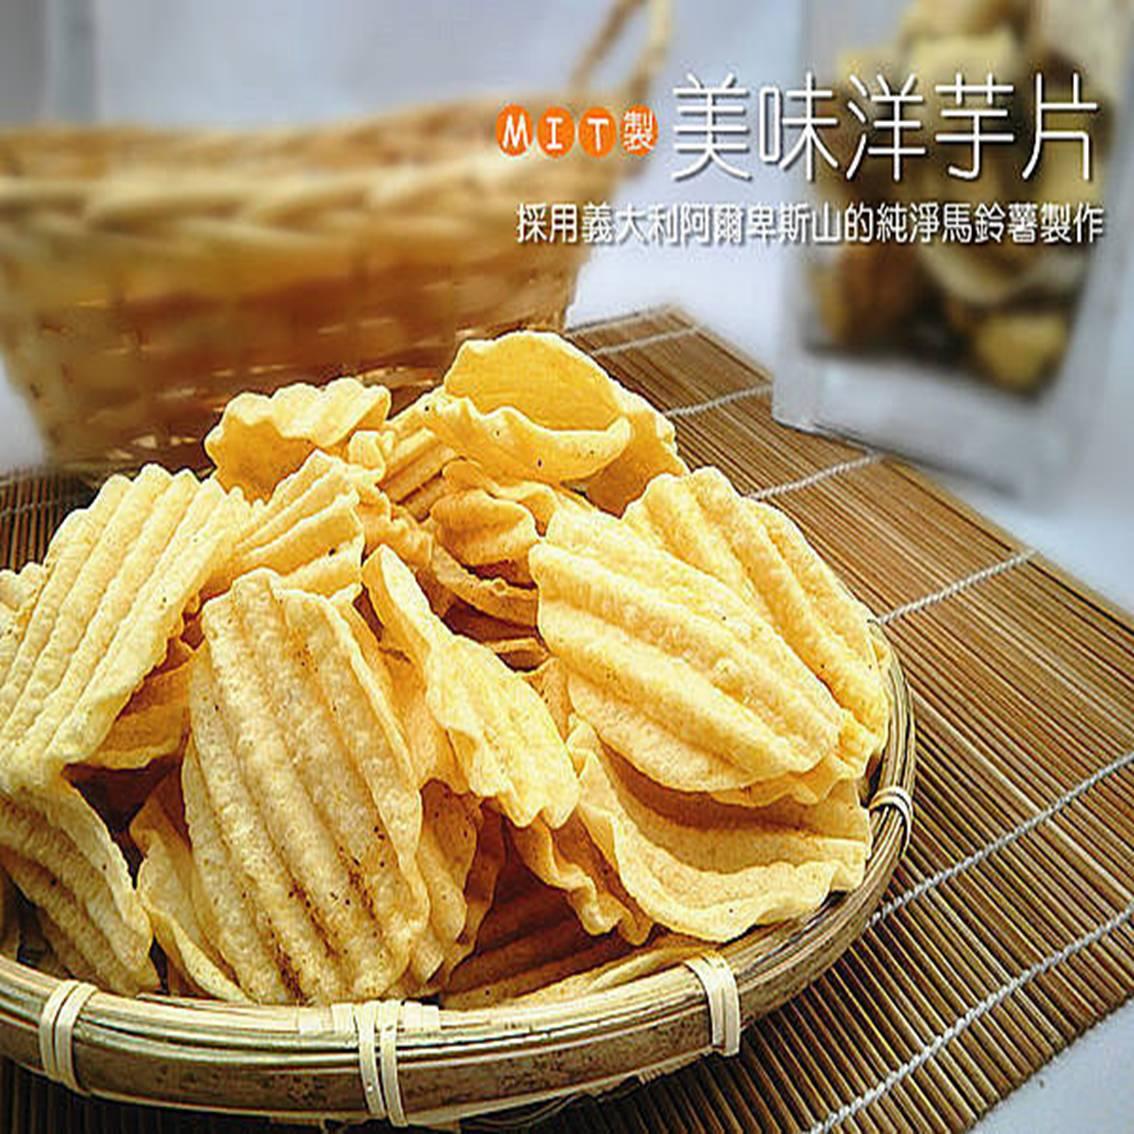 美味洋芋片 沙茶/烤雞/海苔 洋芋片/起司球 共4種口味【樂活生活館】